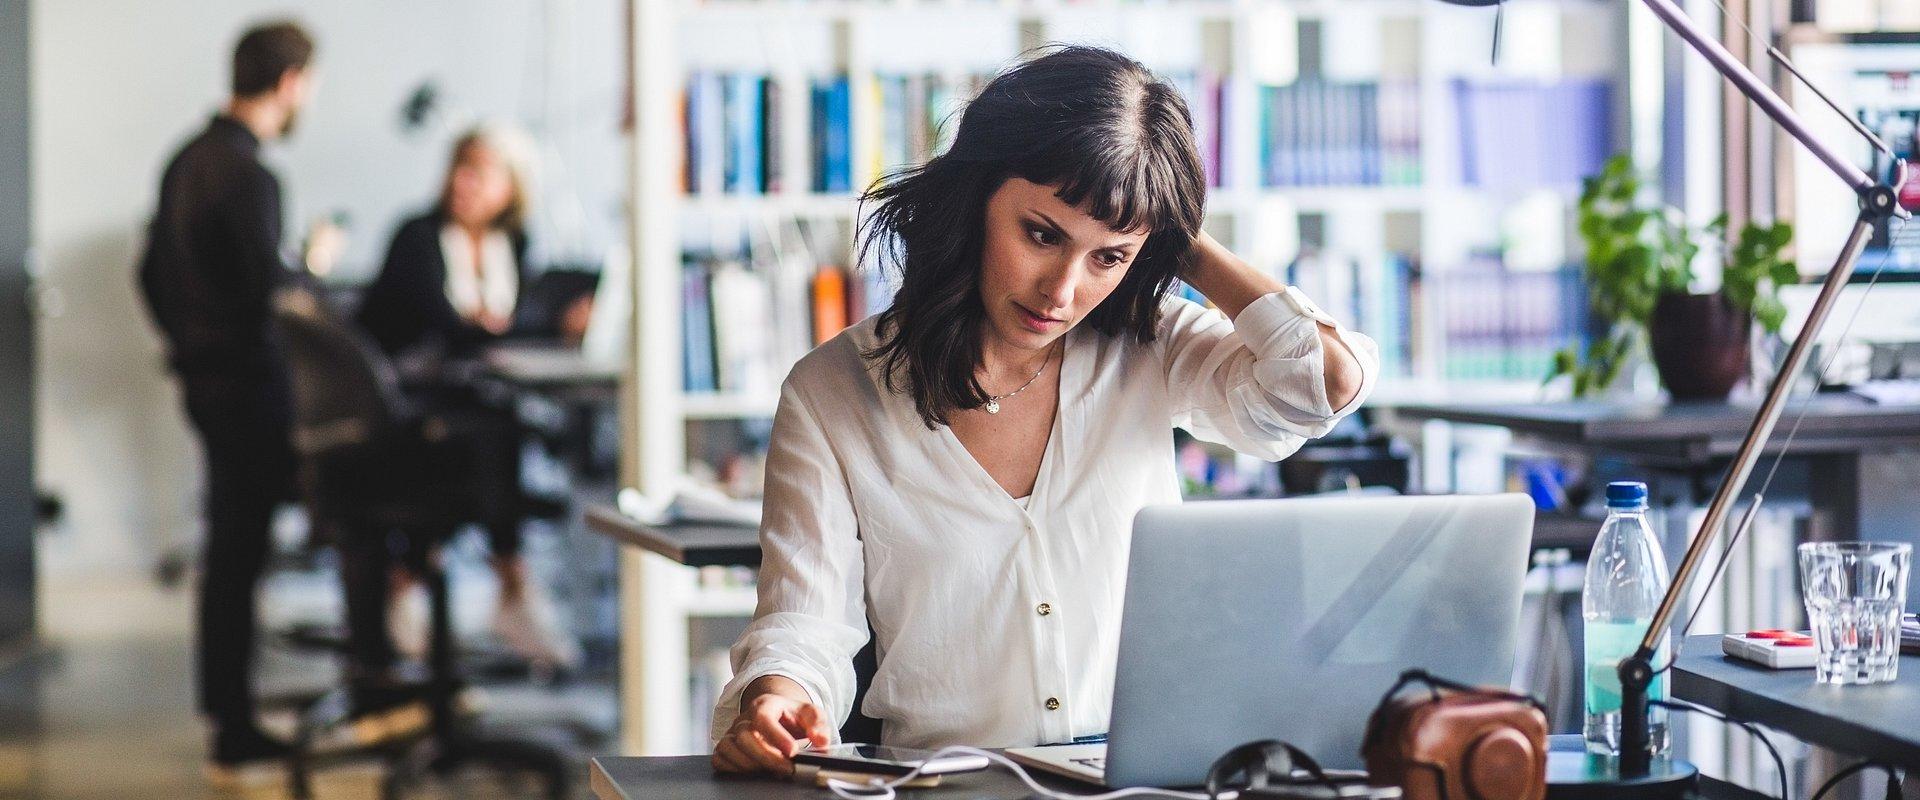 Tytani pracy… czyli kto spędził weekend w biurze?